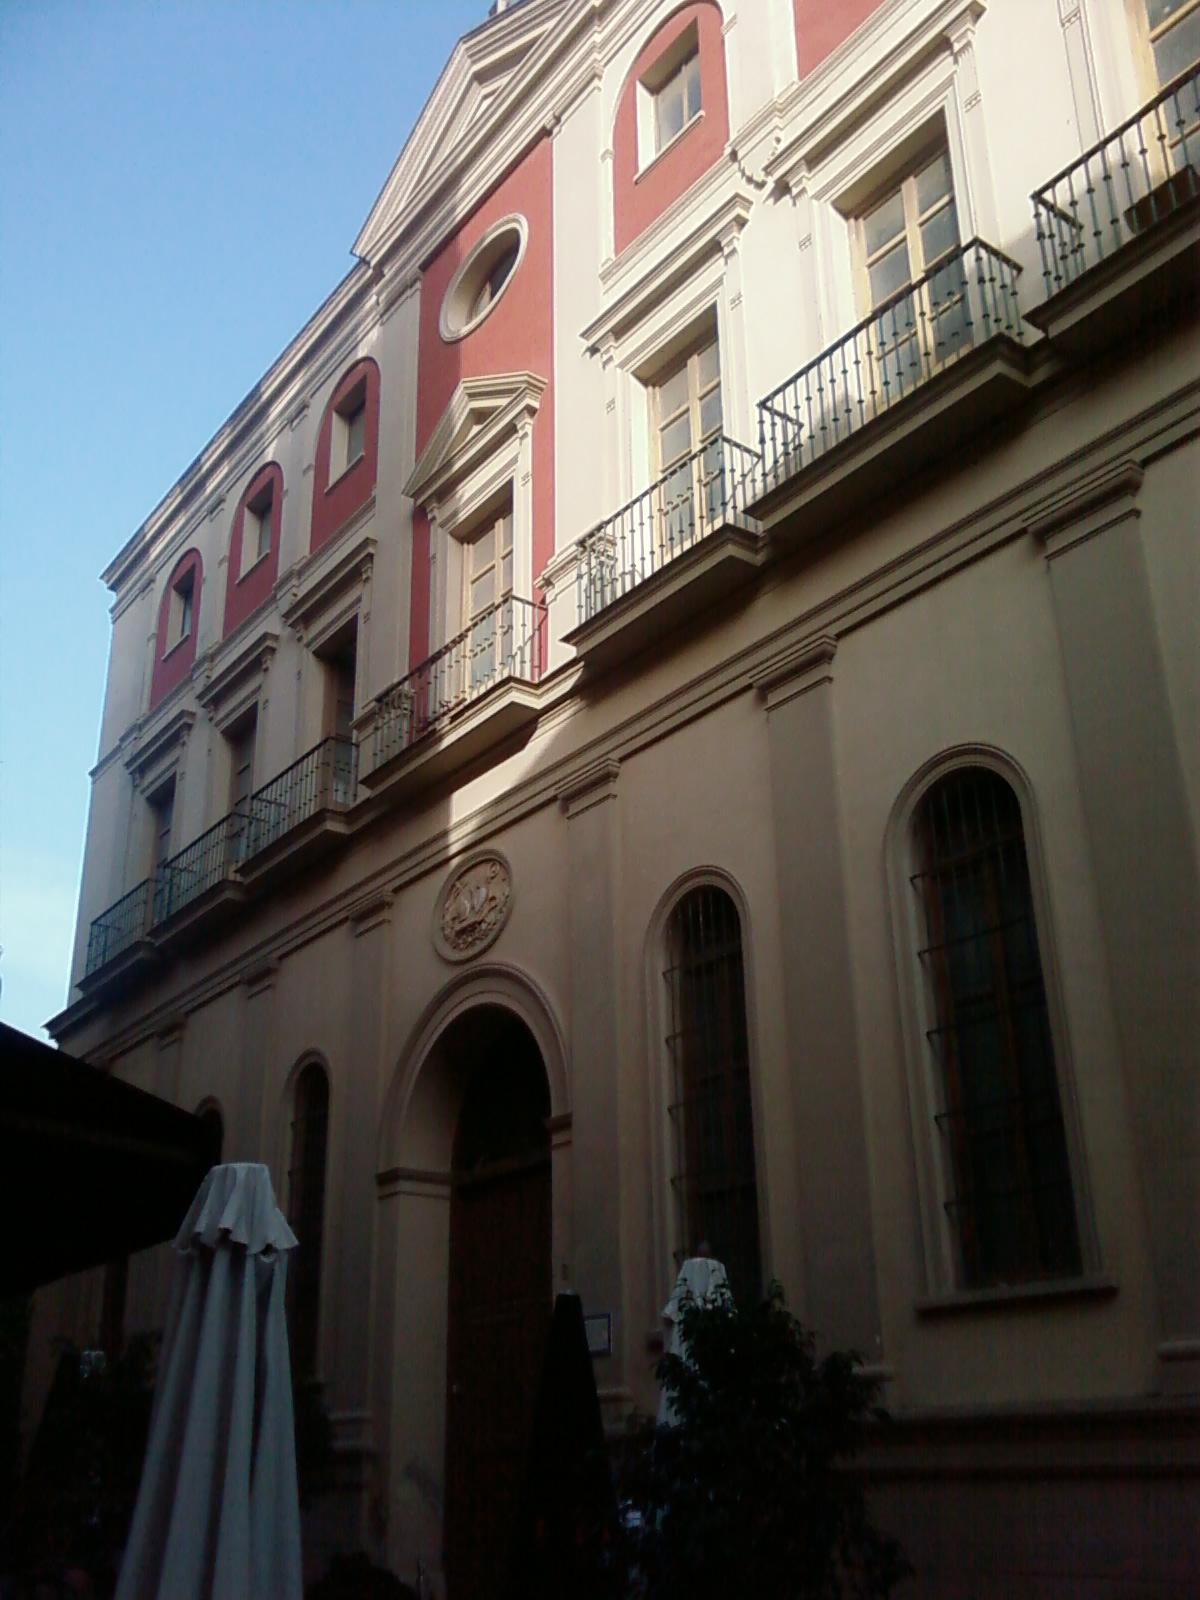 Convento de San Agustín (Málaga) - Wikipedia, la